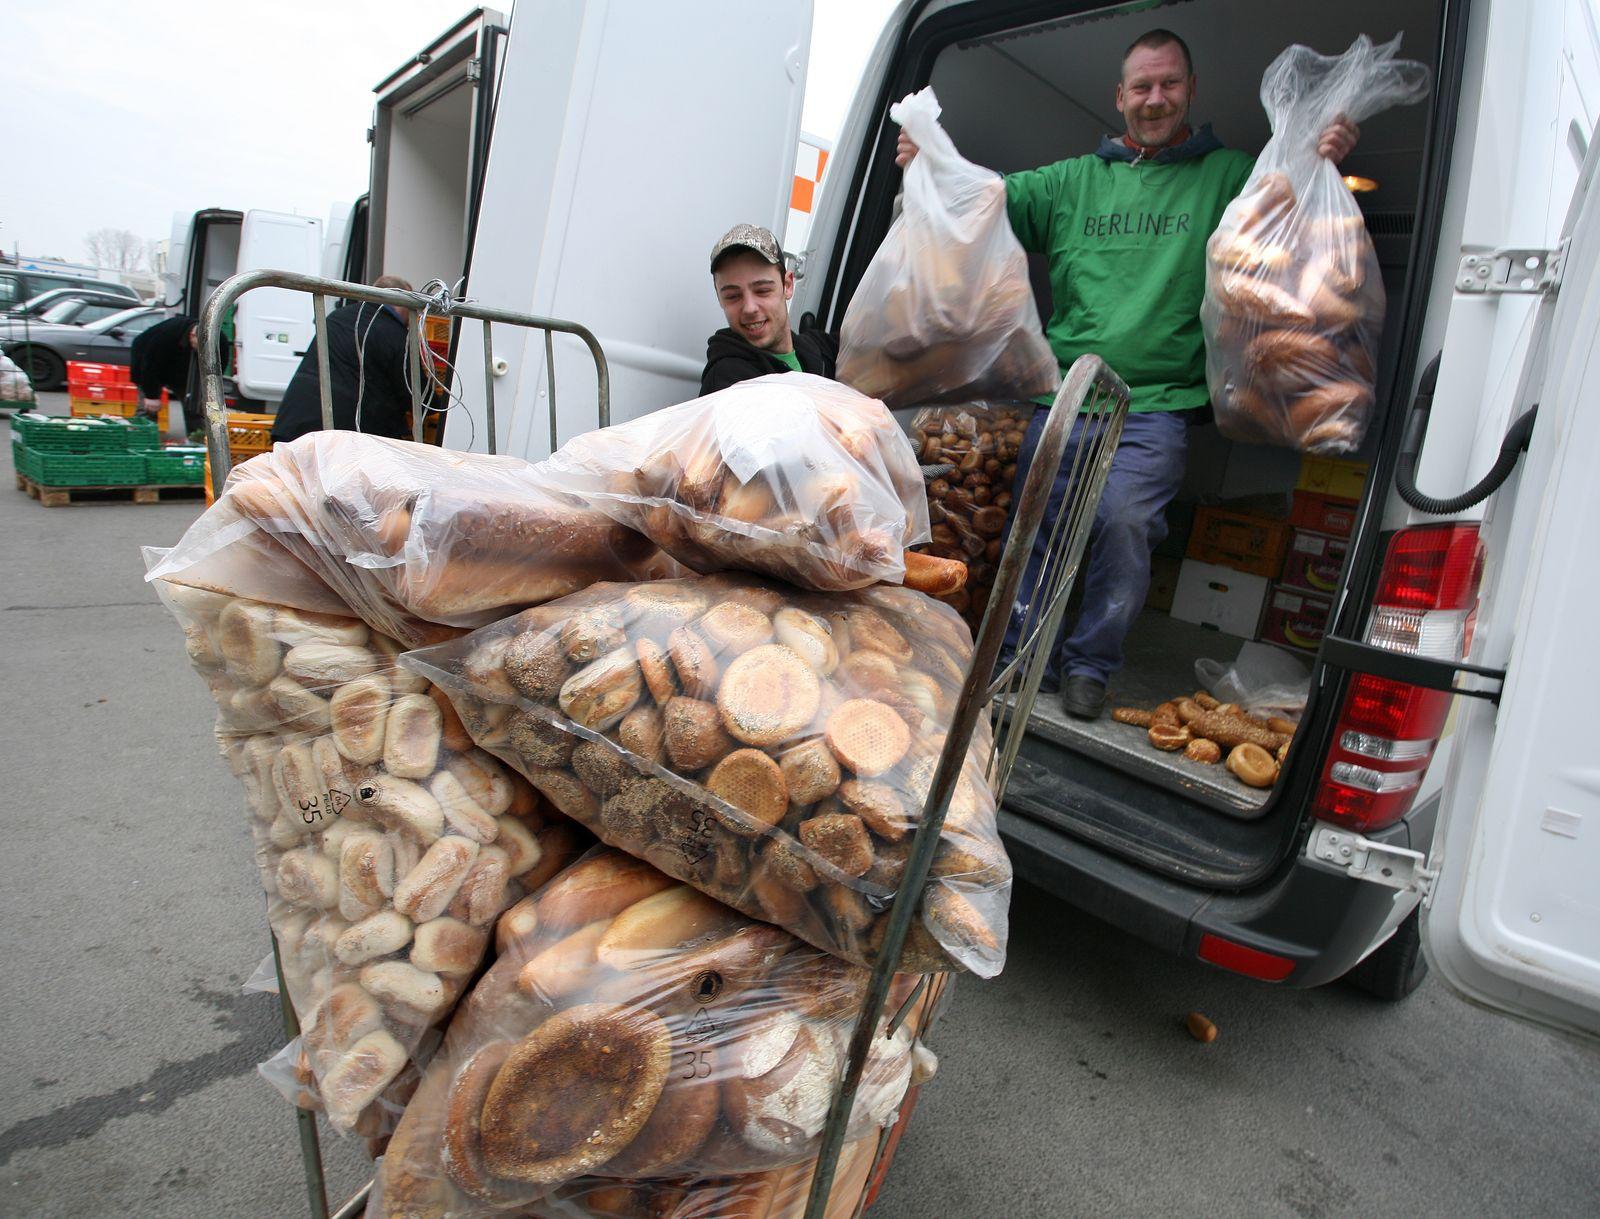 Arbeit bei der Berliner Tafel / Lebensmittel / Armut